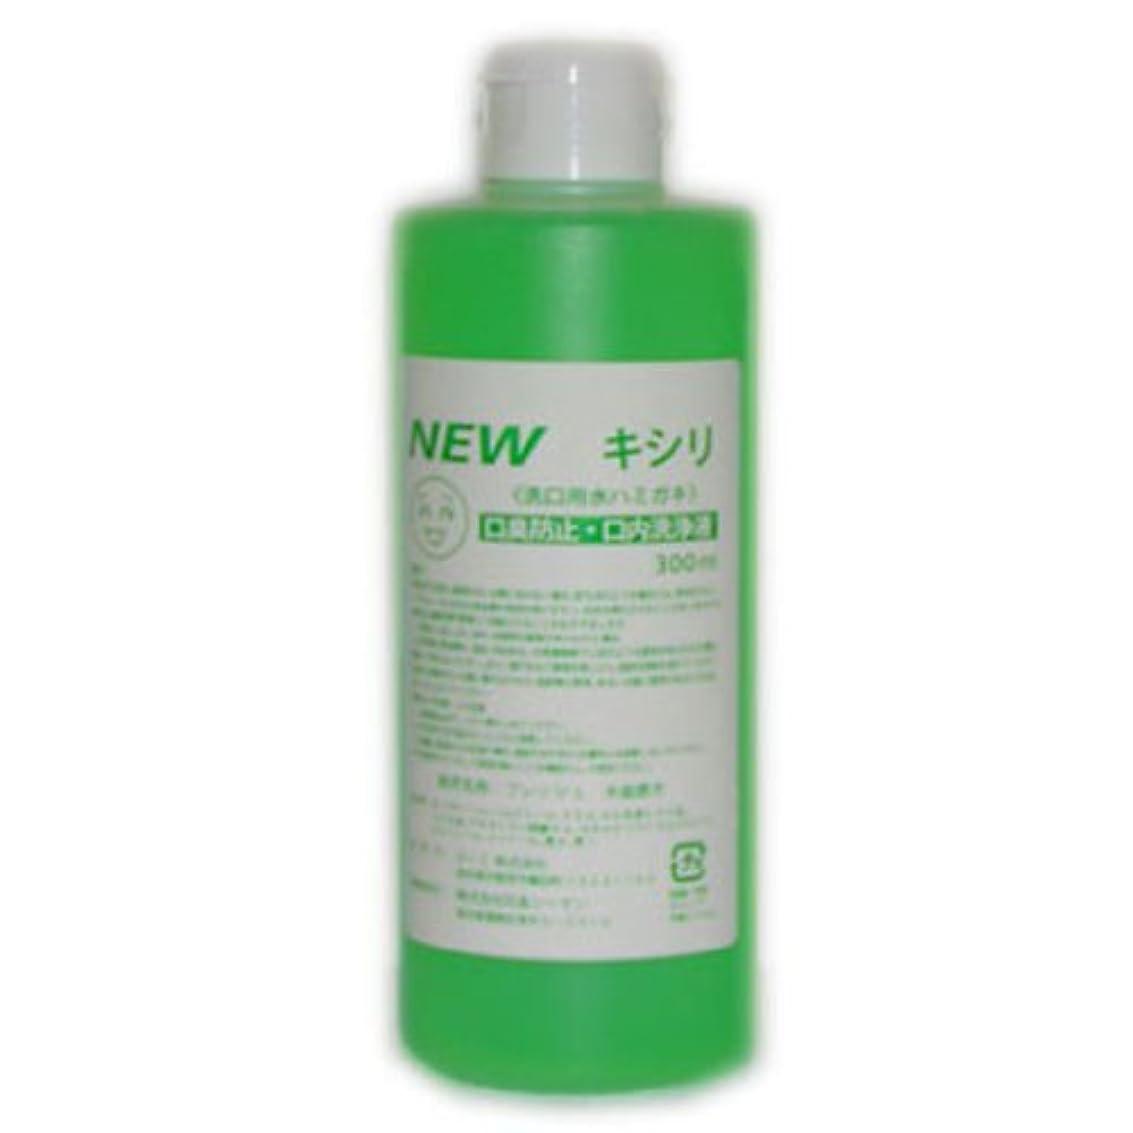 頼む清める添加剤フレッシュ洗口液 マウスウォッシュ NEWキシリ 300ml 25倍濃縮お得タイプ